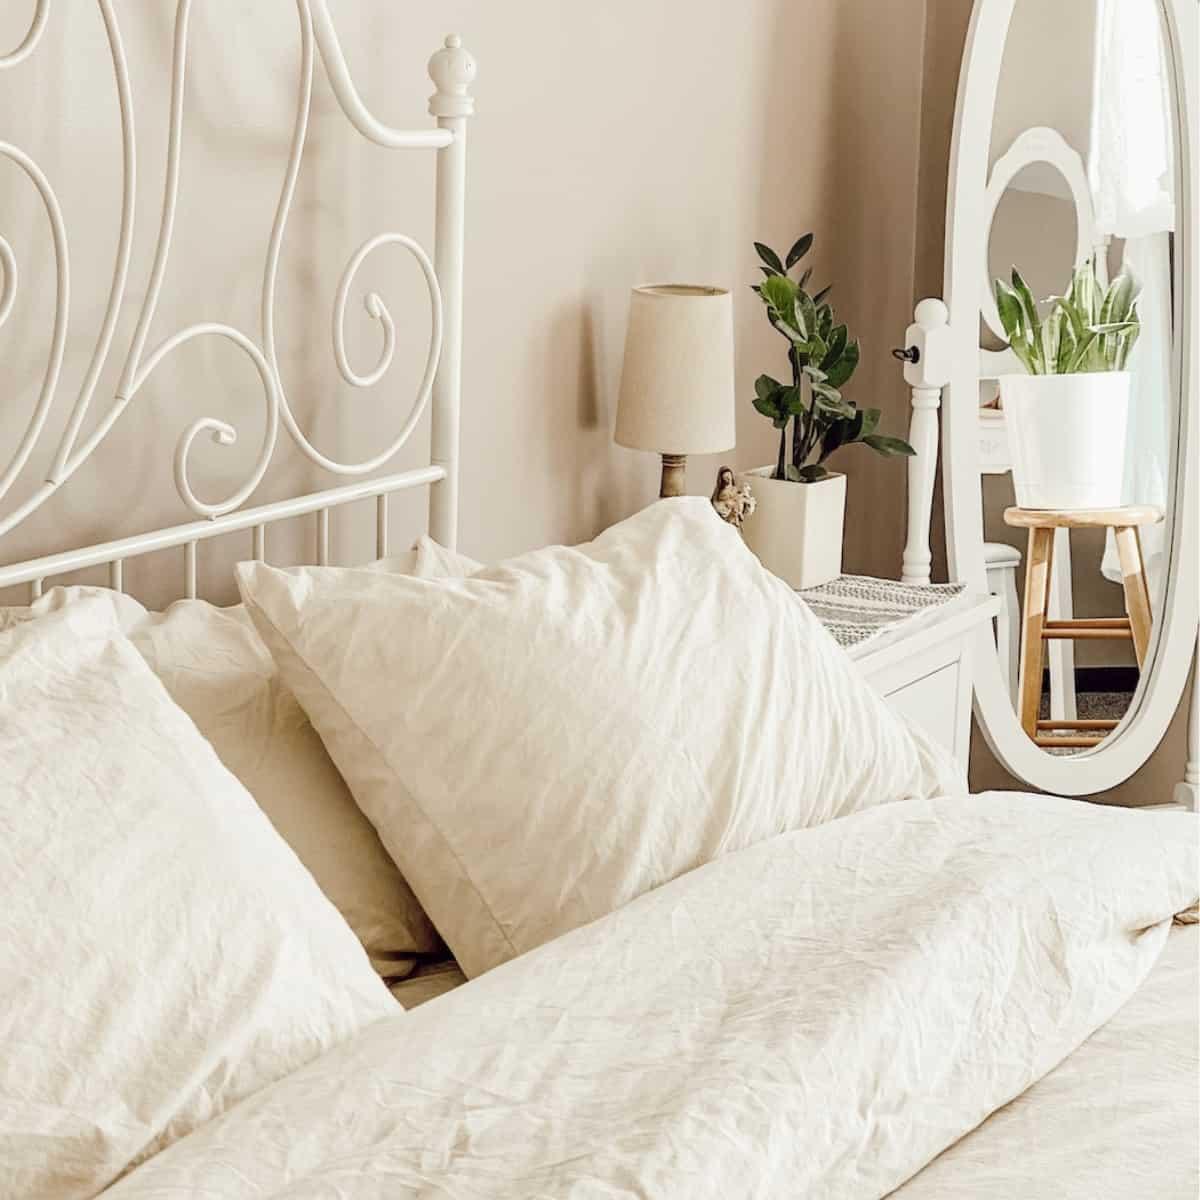 Creating a Cozy Bedroom